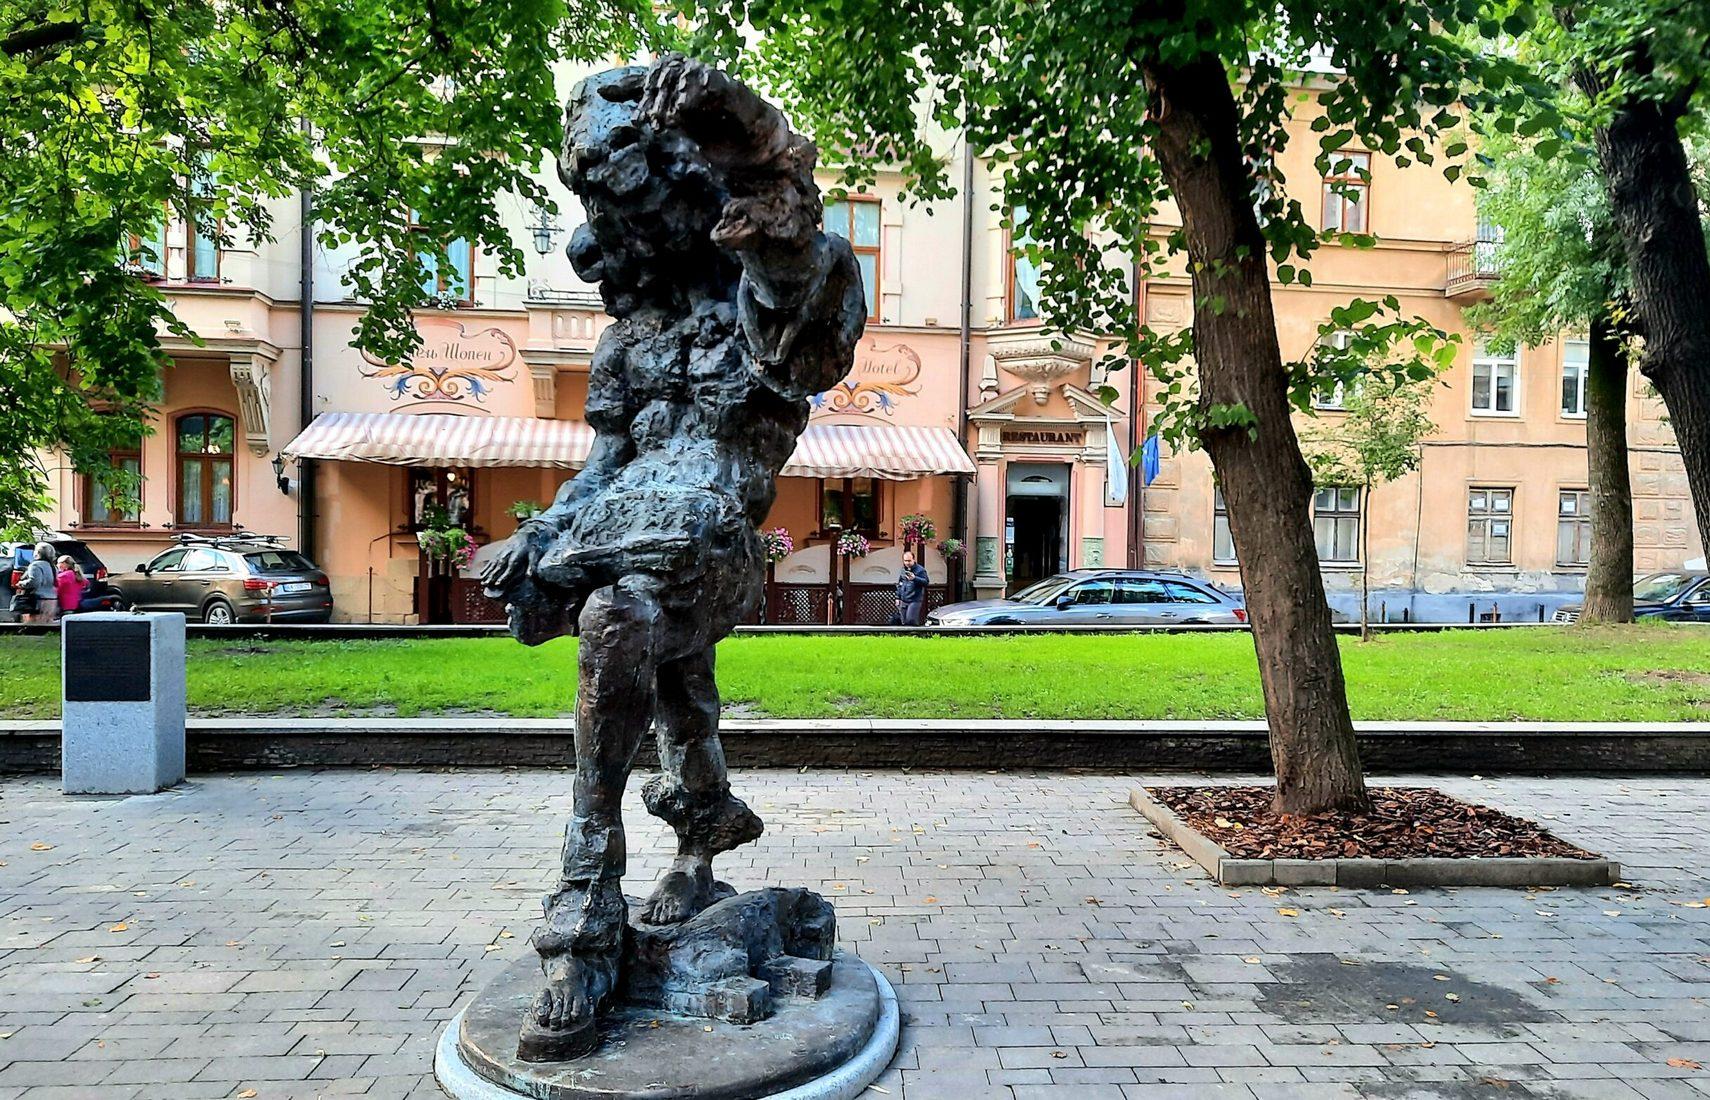 Петиция о демонтаже памятника Моцарту во Львове набрала необходимые голоса